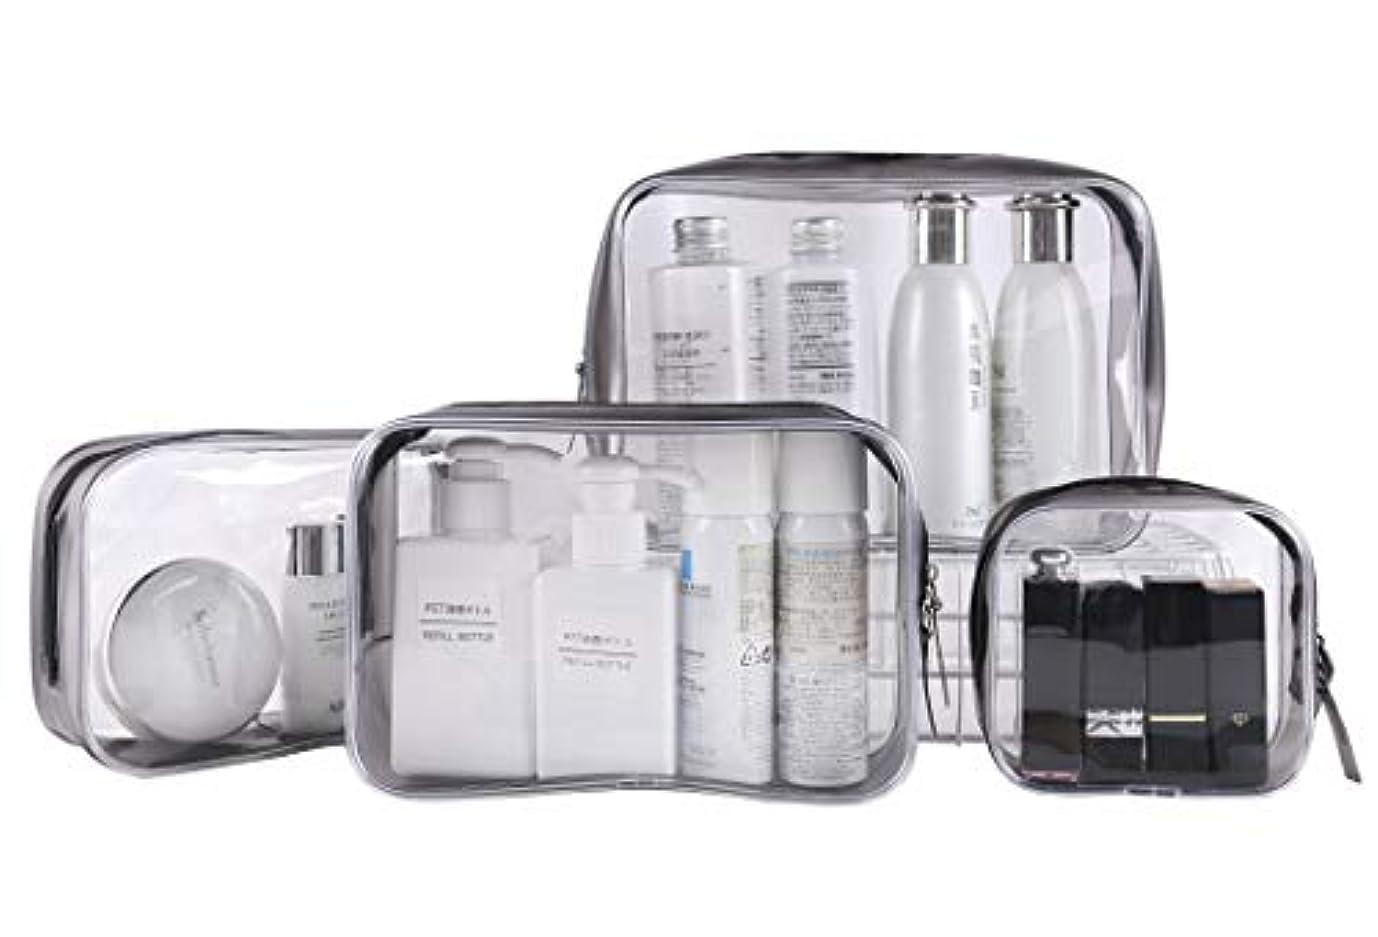 換気小包気まぐれな4個のクリアトイレタリーバッグ、キャリーポーチ防水PVCメイクアップバッグジップ化粧品オーガナイザー旅行用ビジネスケース男性と女性用バスルーム